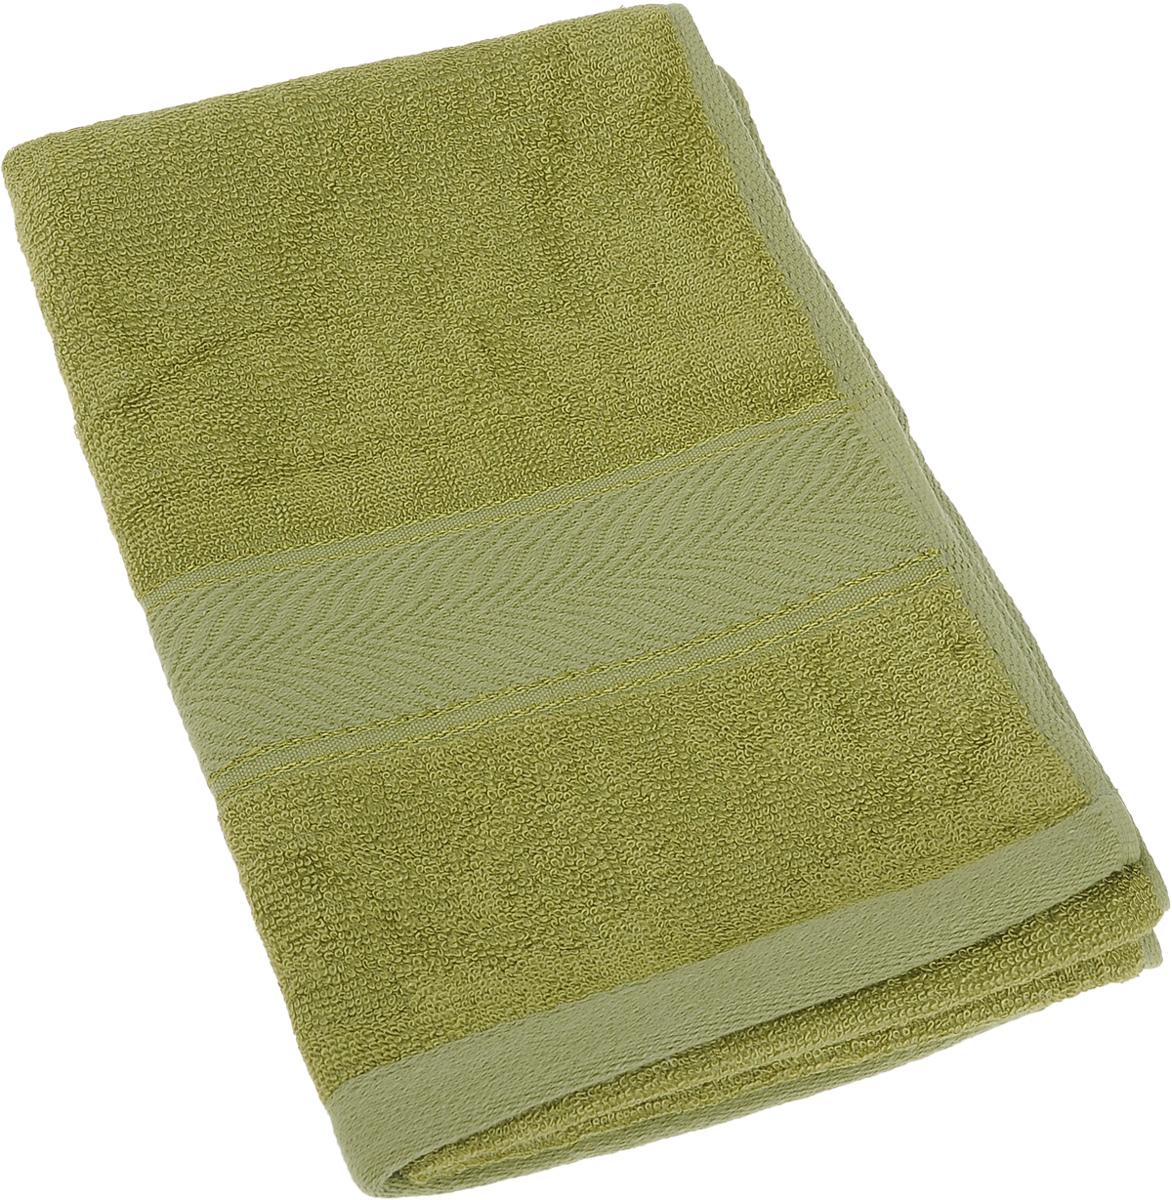 """Полотенце Soavita """"Stefano"""" выполнено из 100% бамбукового волокна. Изделие  отлично впитывает влагу, быстро сохнет, сохраняет яркость цвета и не теряет  форму даже после  многократных стирок.   Полотенце очень практично и неприхотливо в уходе. Оно создаст прекрасное  настроение и  украсит интерьер в ванной комнате."""